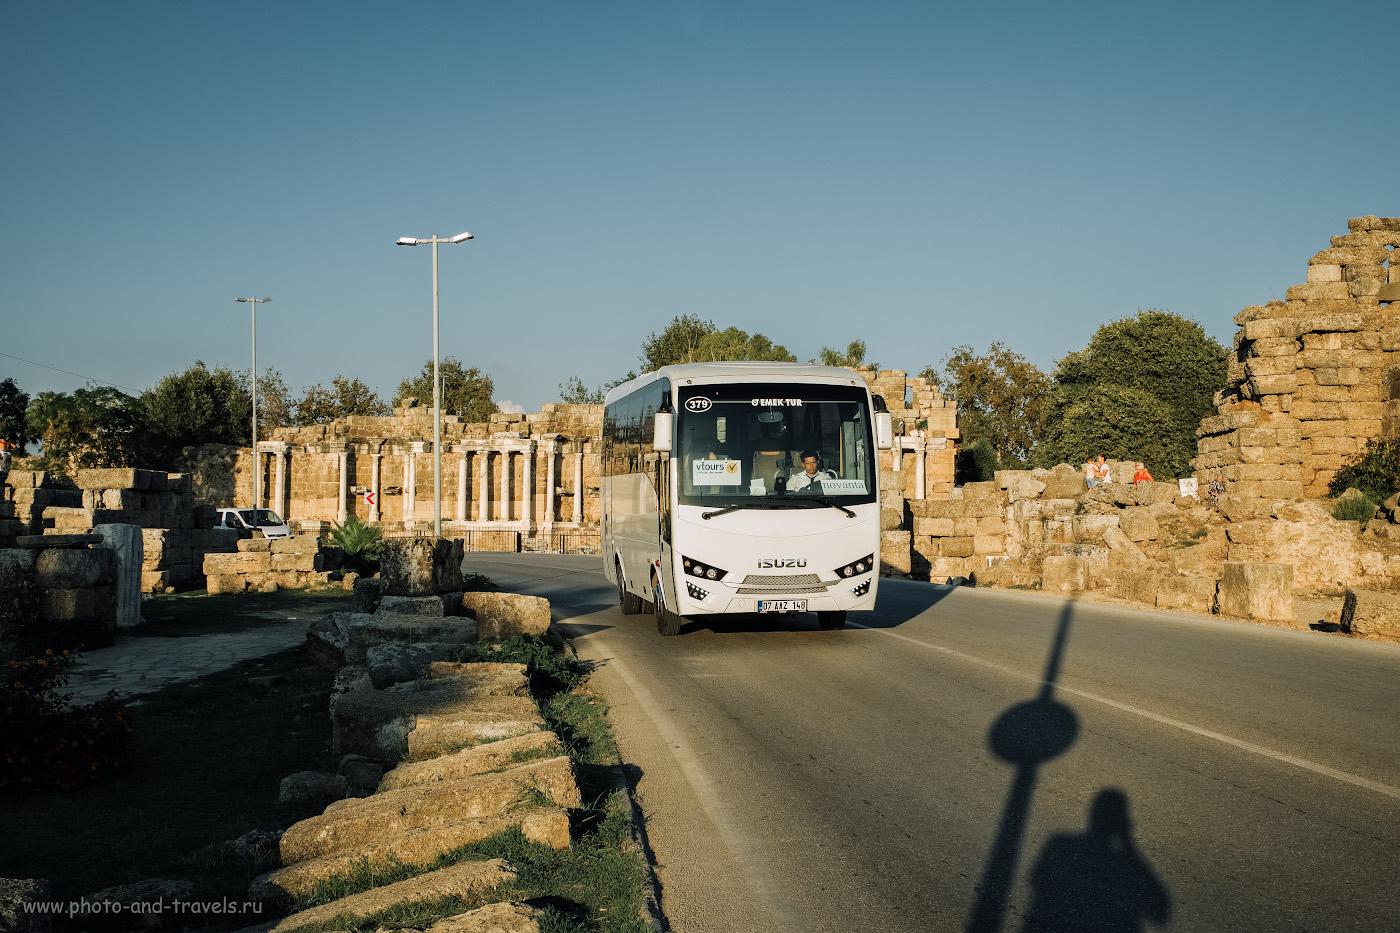 Фото 6. Автобус едет по улице Liman Caddesi в Сиде. На заднем плане – нимфей и остатки городской стены. 1/340, 7.1, 200, +0.33, 25.